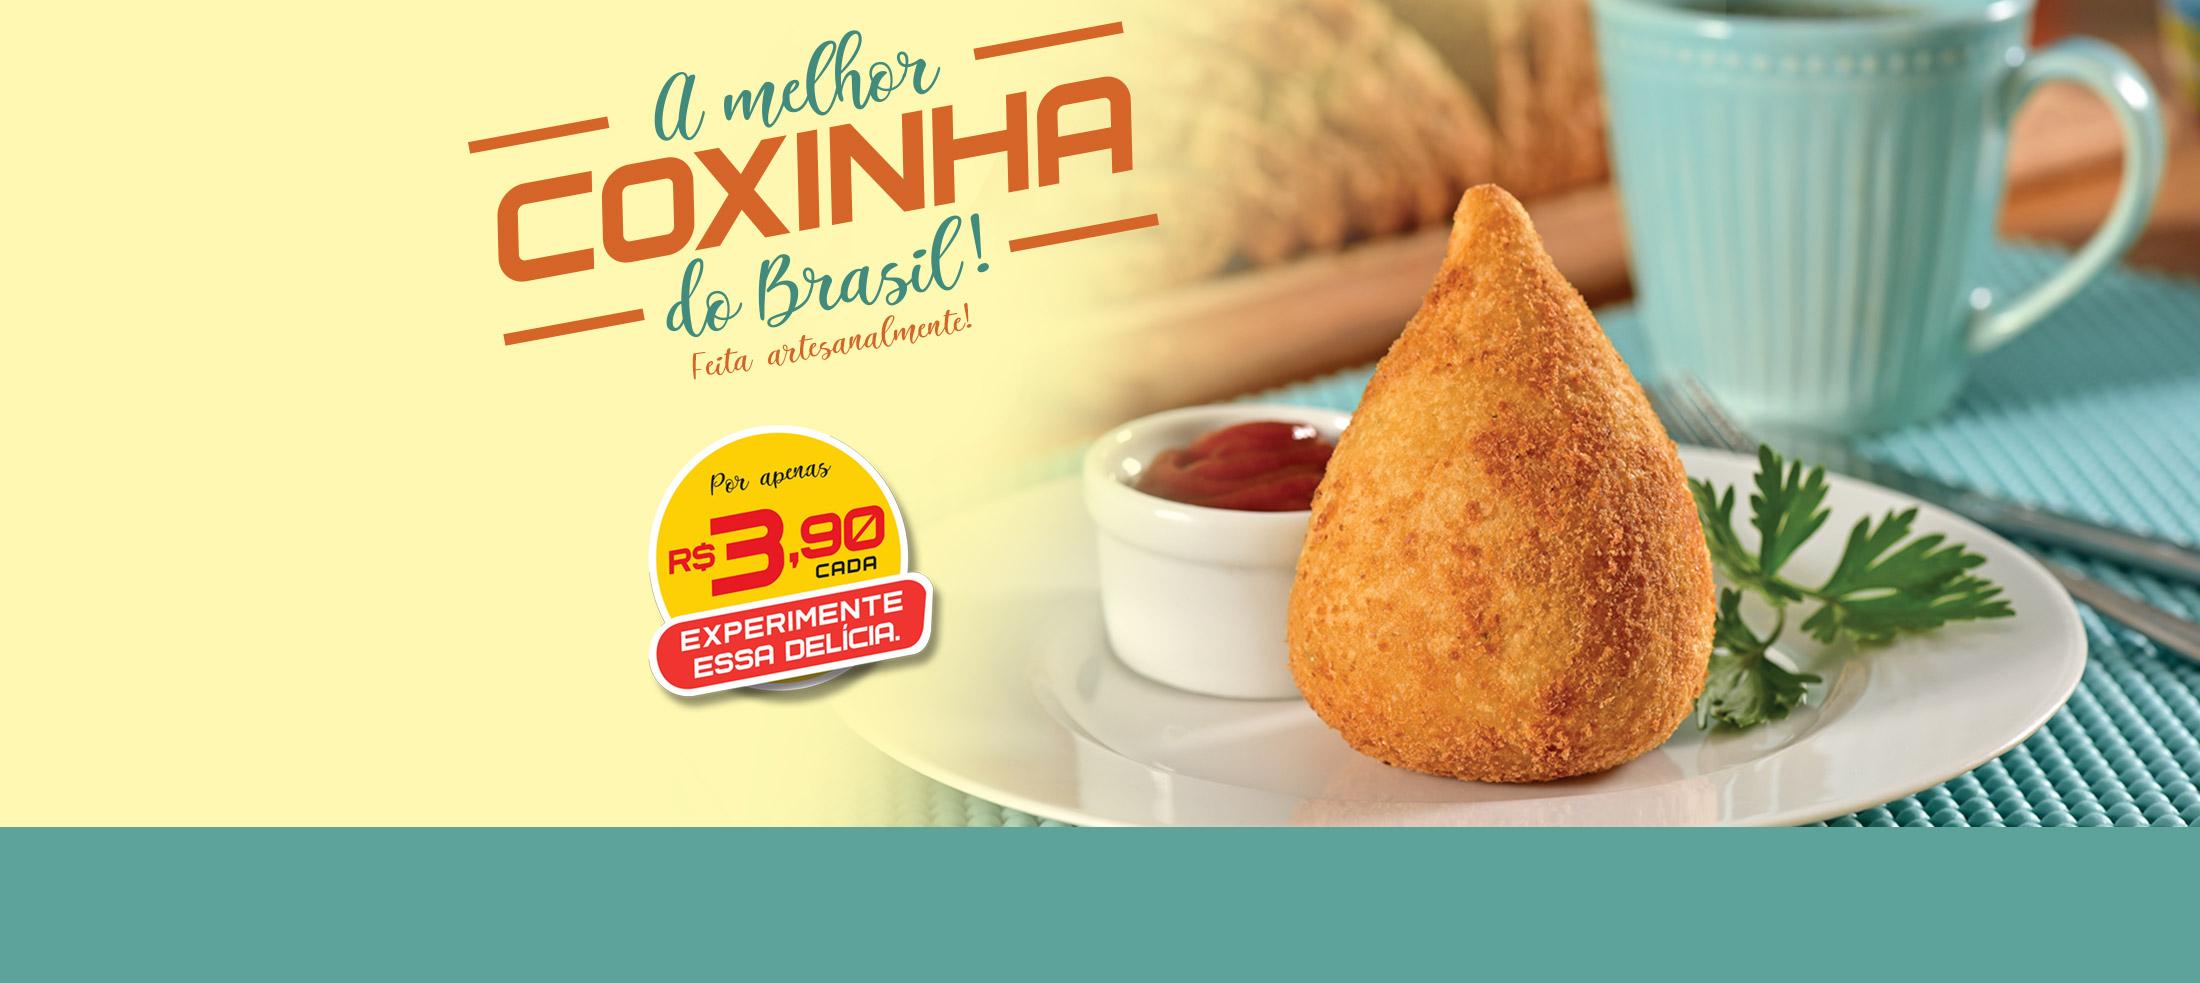 banner_coxinha_express